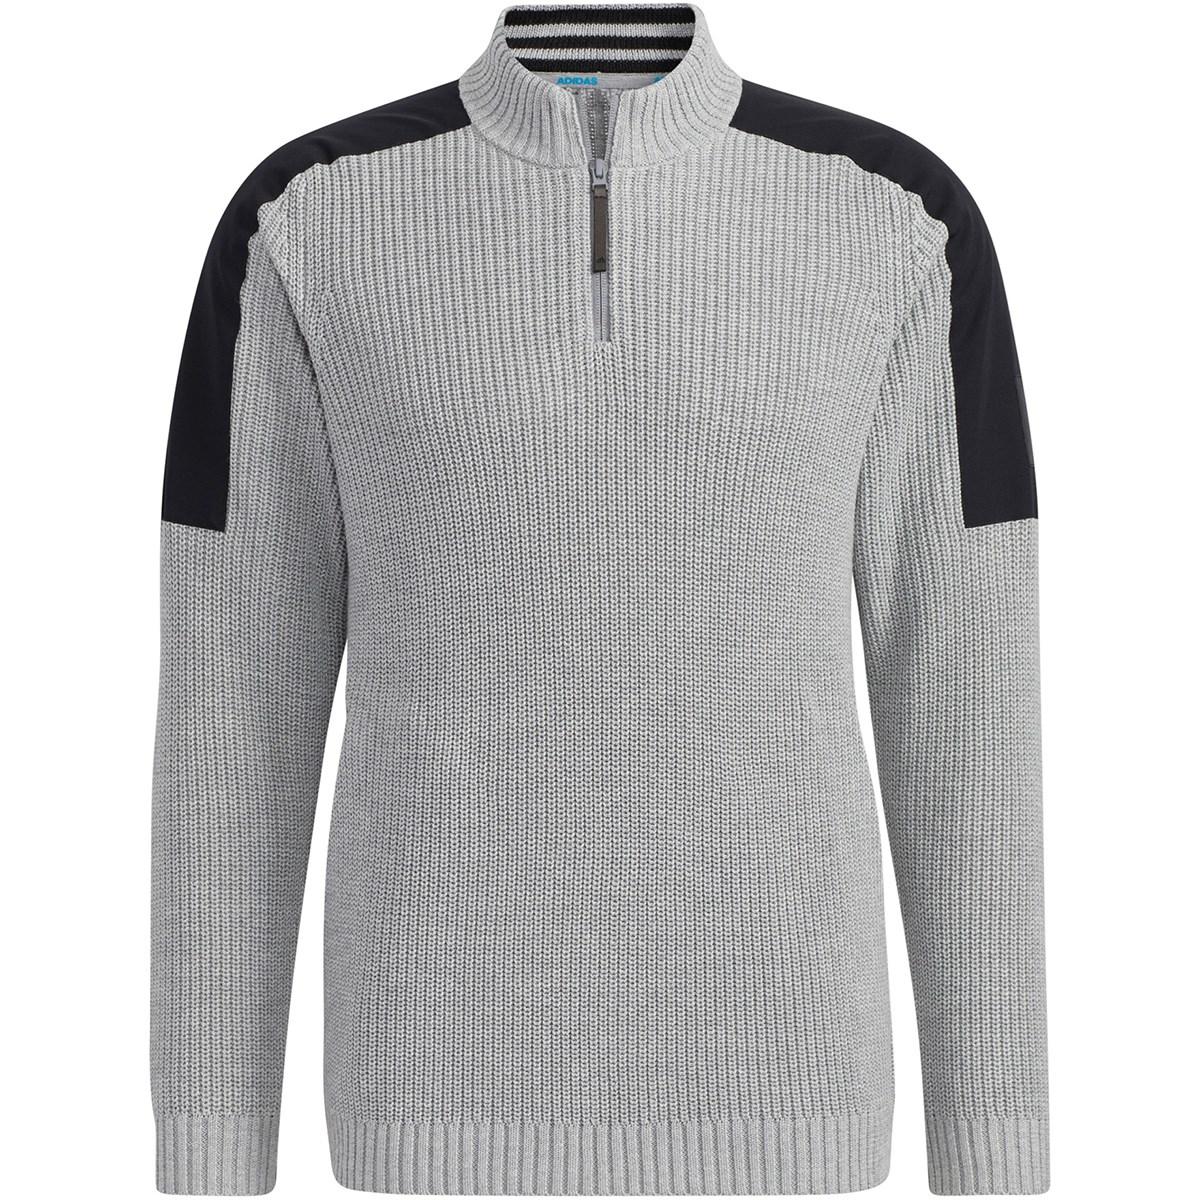 アディダス Adidas ショルダーパッチ ハーフジップ長袖ローゲージセーター J/M ミディアムグレーヘザー